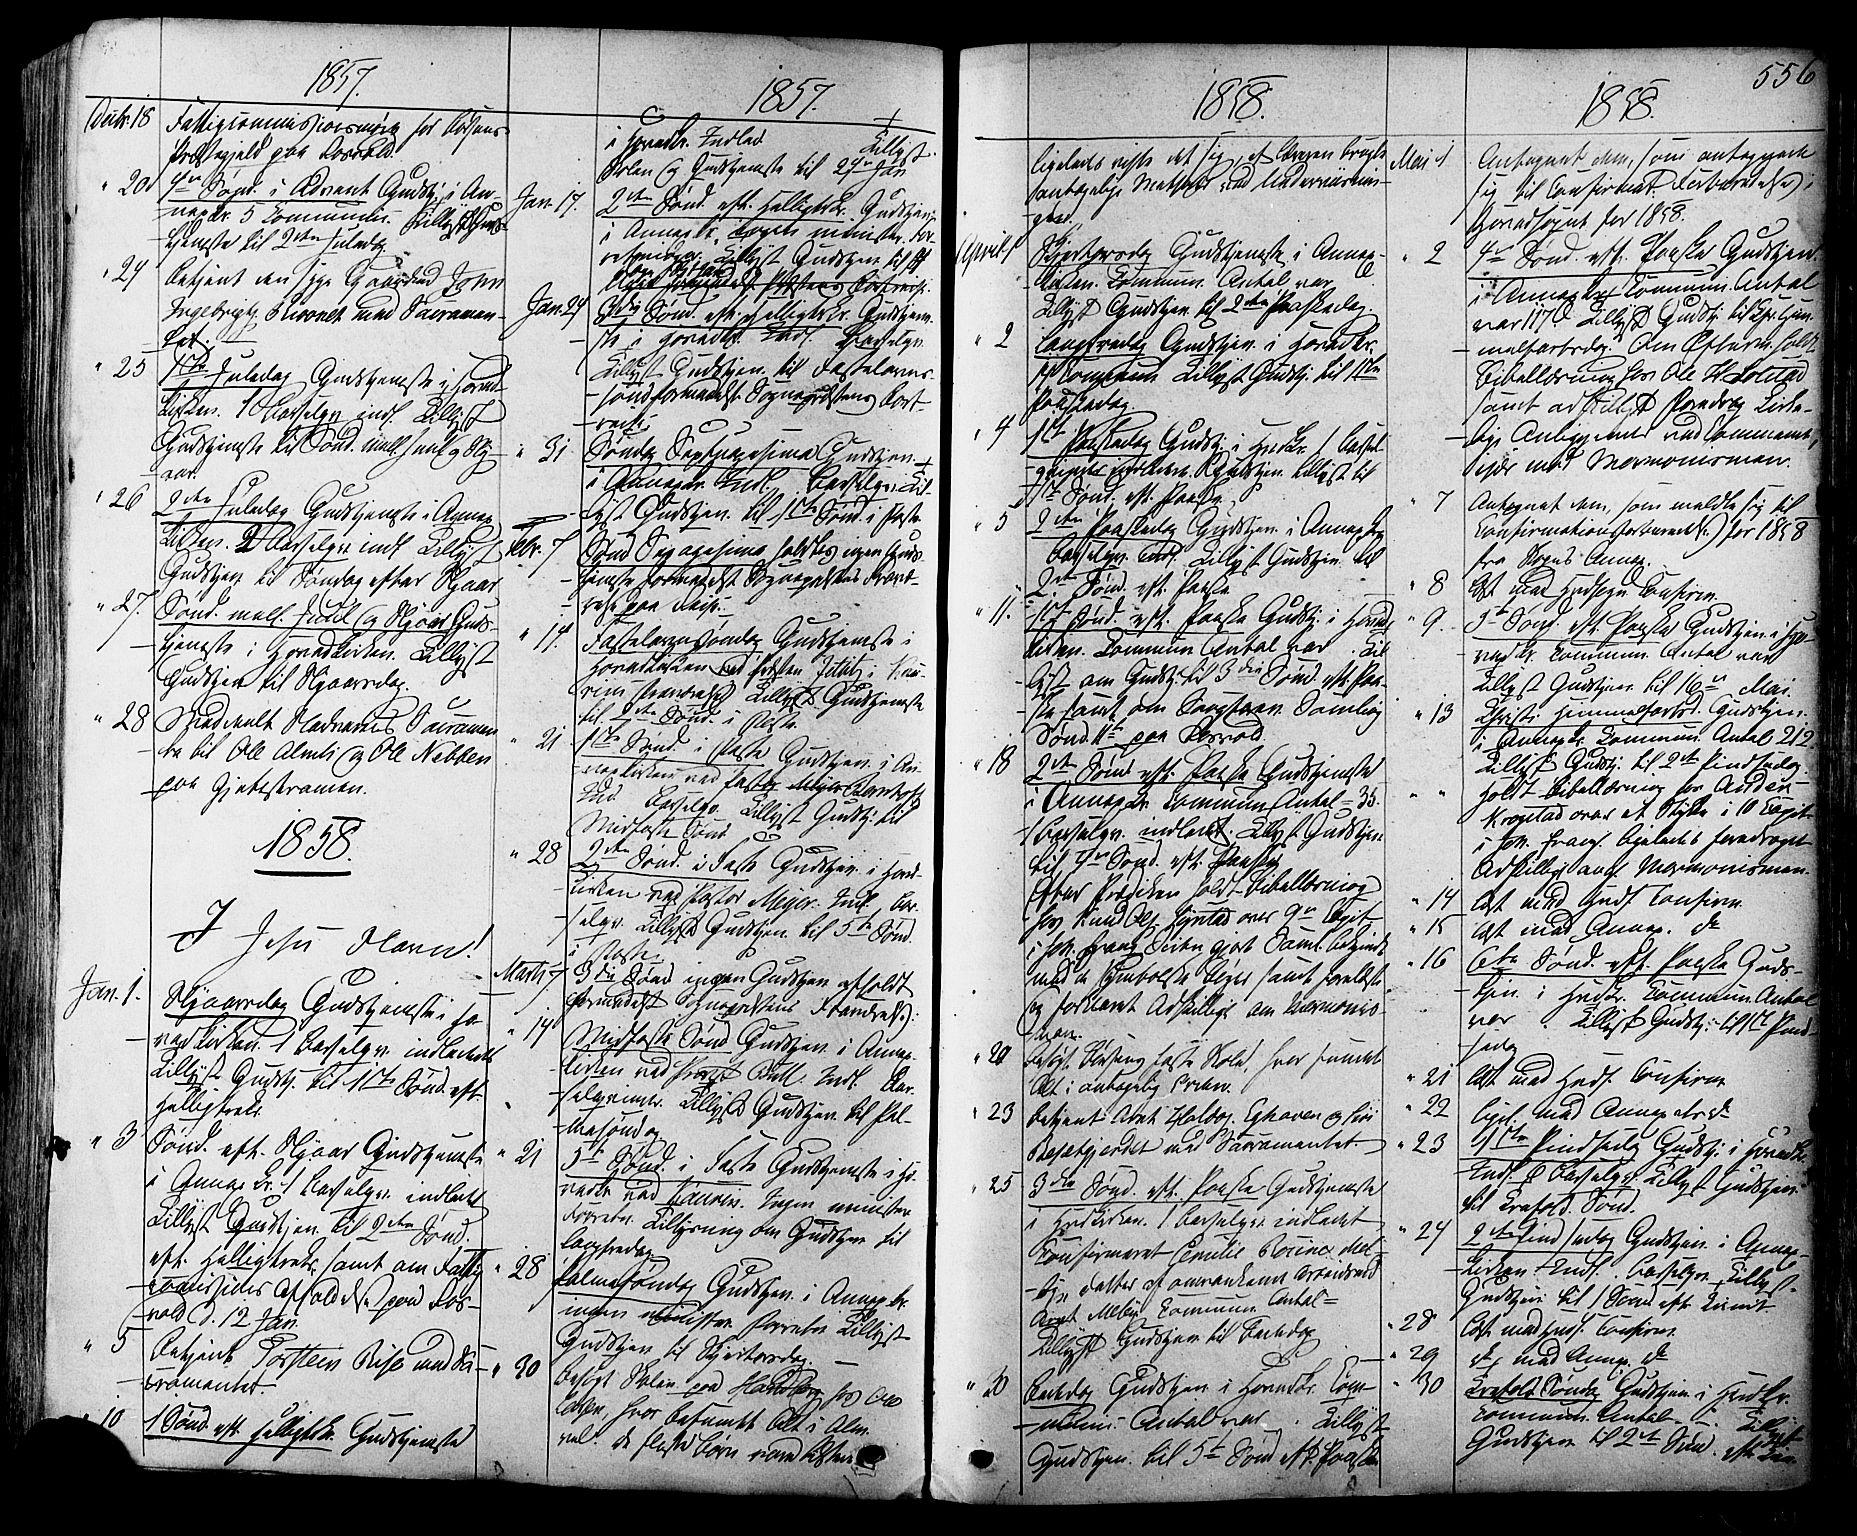 SAT, Ministerialprotokoller, klokkerbøker og fødselsregistre - Sør-Trøndelag, 665/L0772: Ministerialbok nr. 665A07, 1856-1878, s. 556